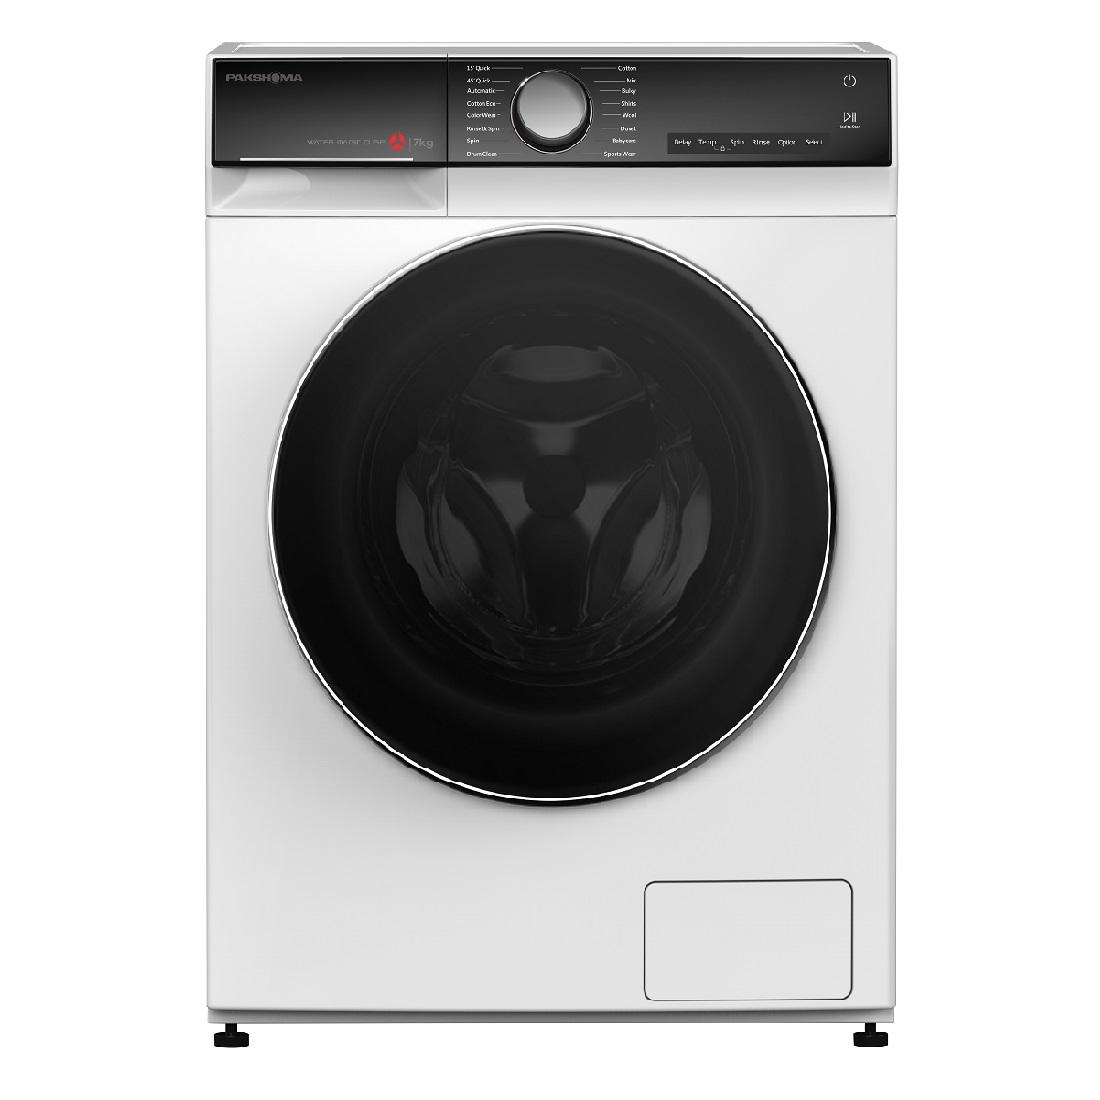 ماشین لباسشویی TFU-75401 سفید 7 کیلوگرمی